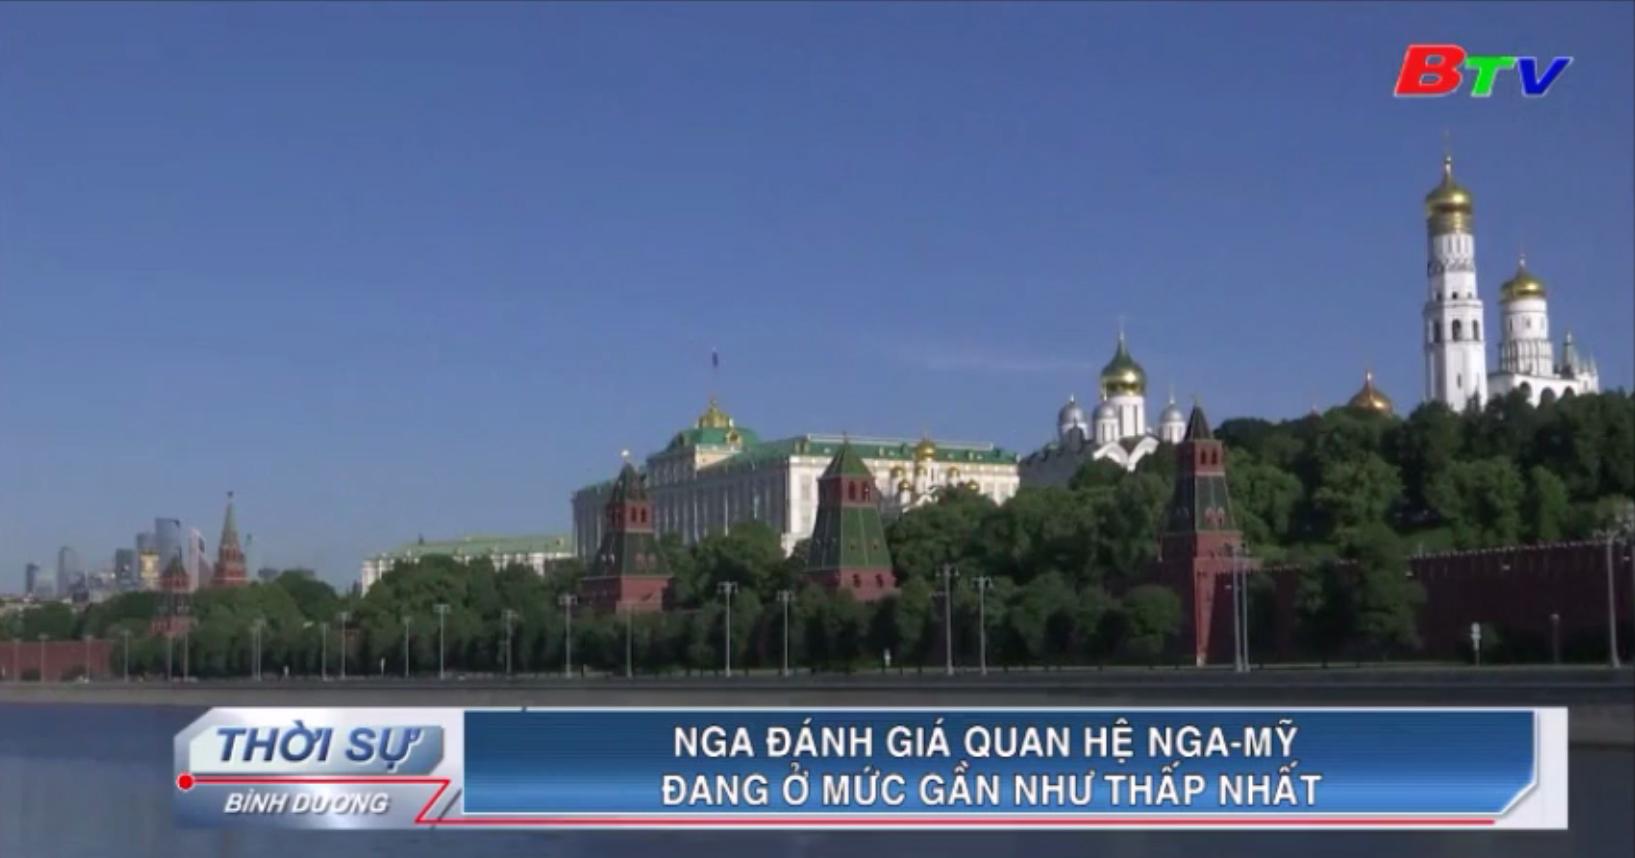 Nga đánh giá quan hệ Nga - Mỹ đang ở mức gần như thấp nhất